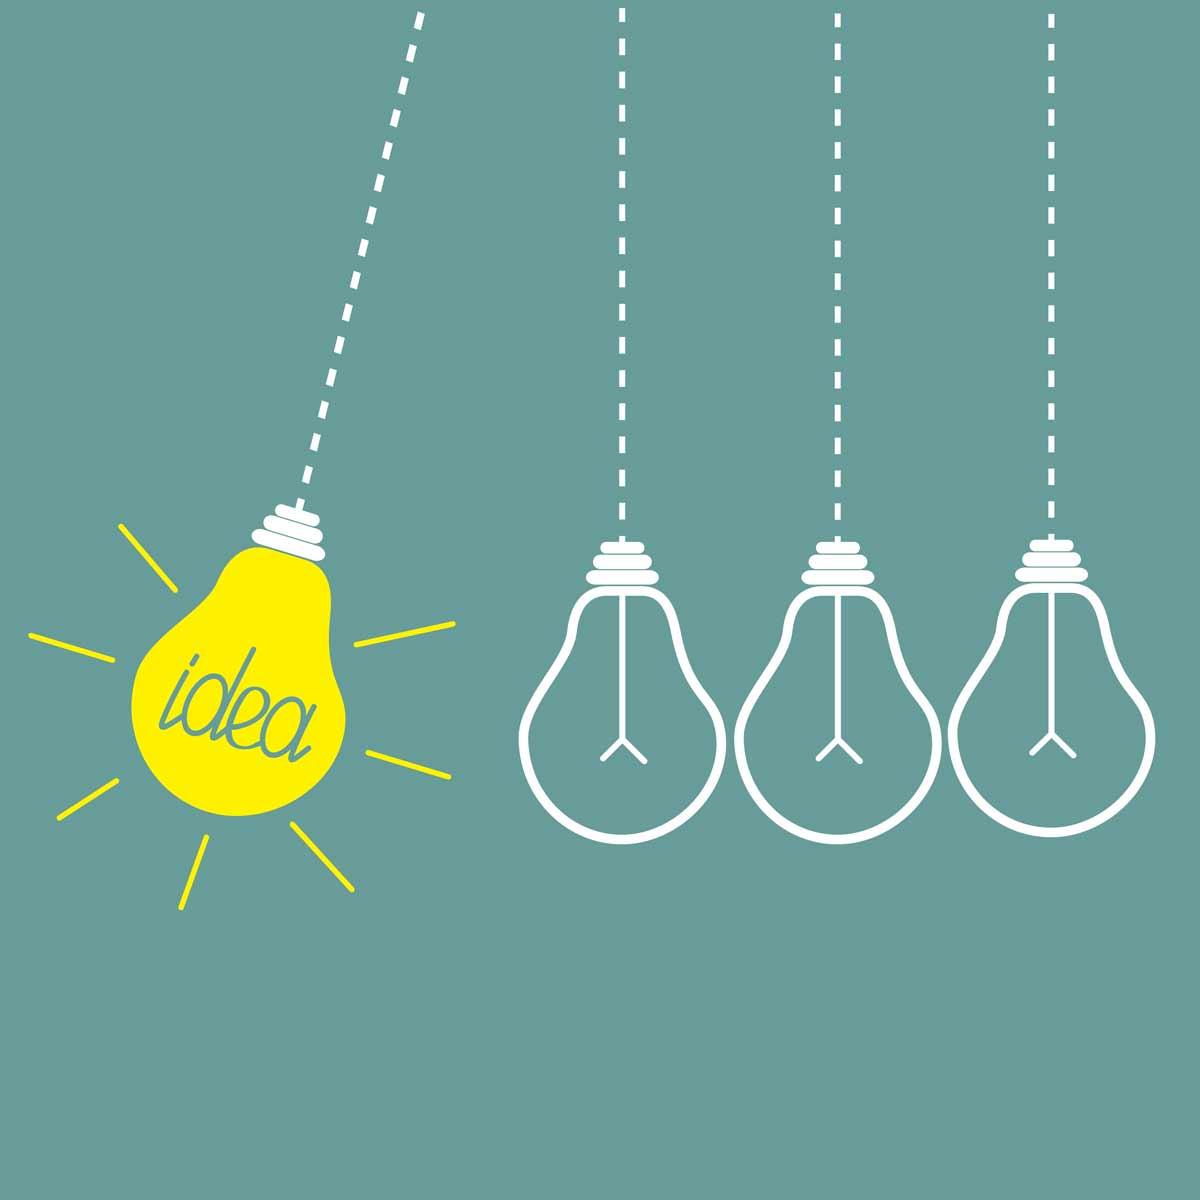 برای تبدیل شدن به یک کارآفرین موفق راه های زیادی وجود دارد.